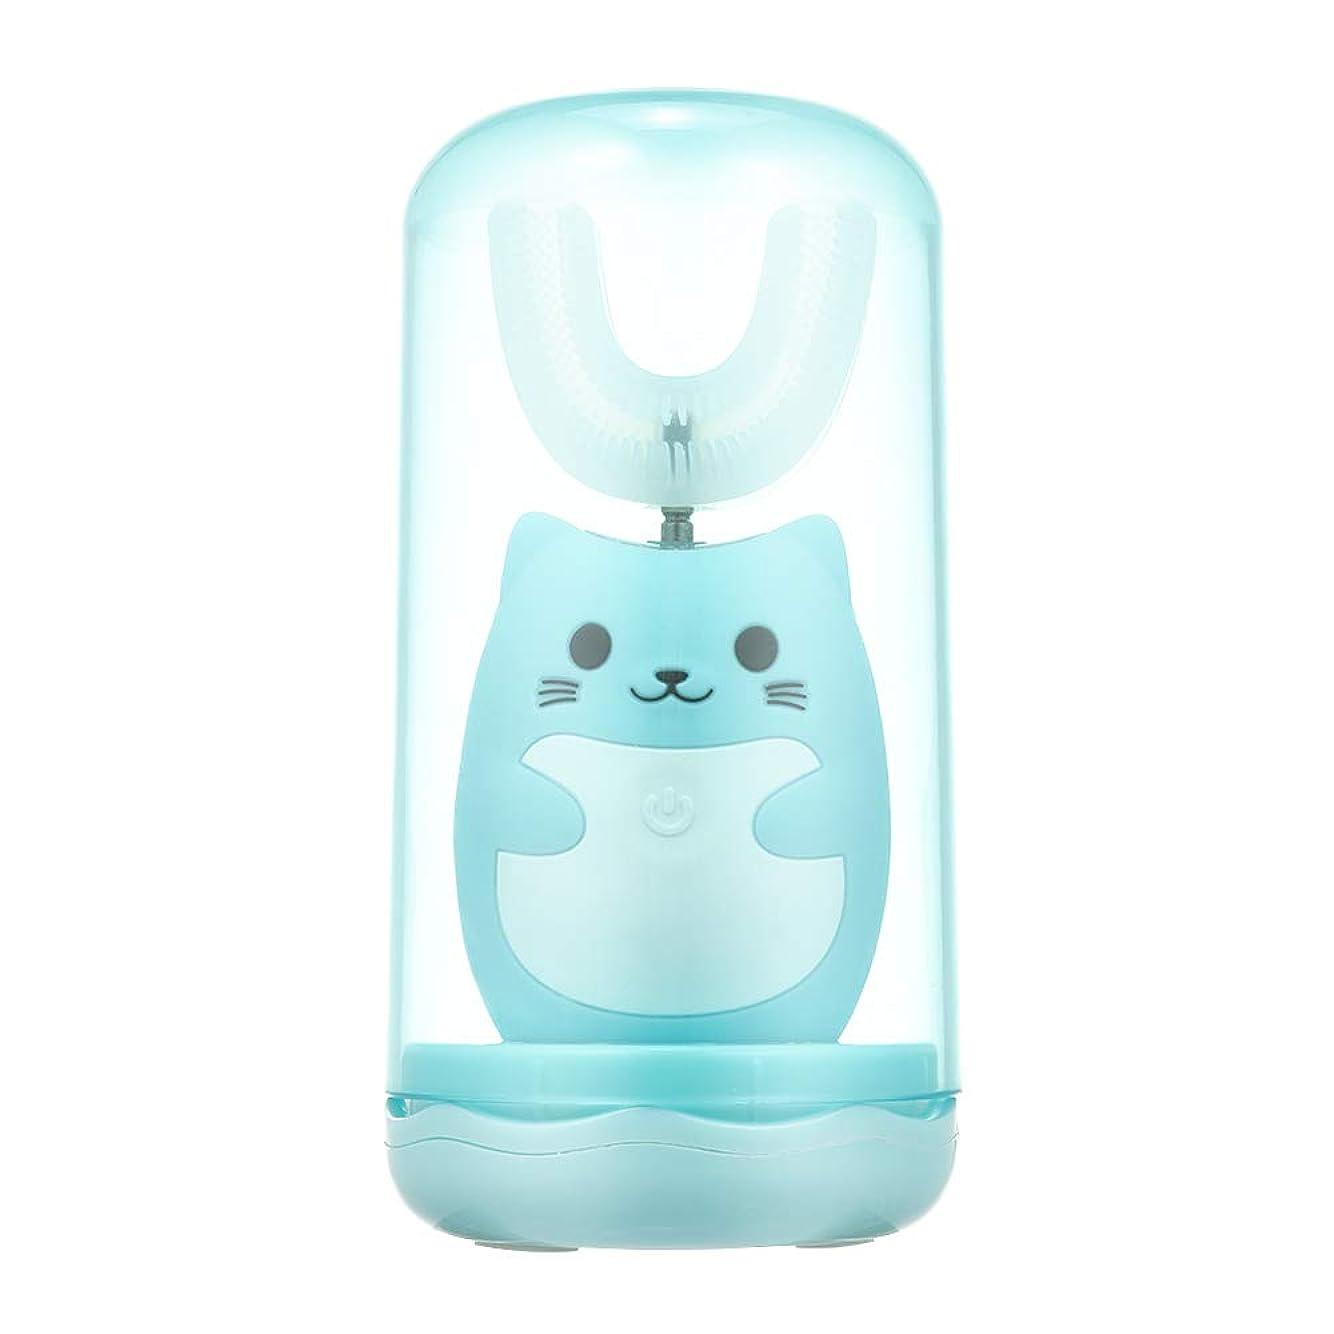 実業家小道類推Decdeal 電動歯ブラシ 子供用 U型 充電式 歯ブラシ 3つモード 防水 幼児 子供